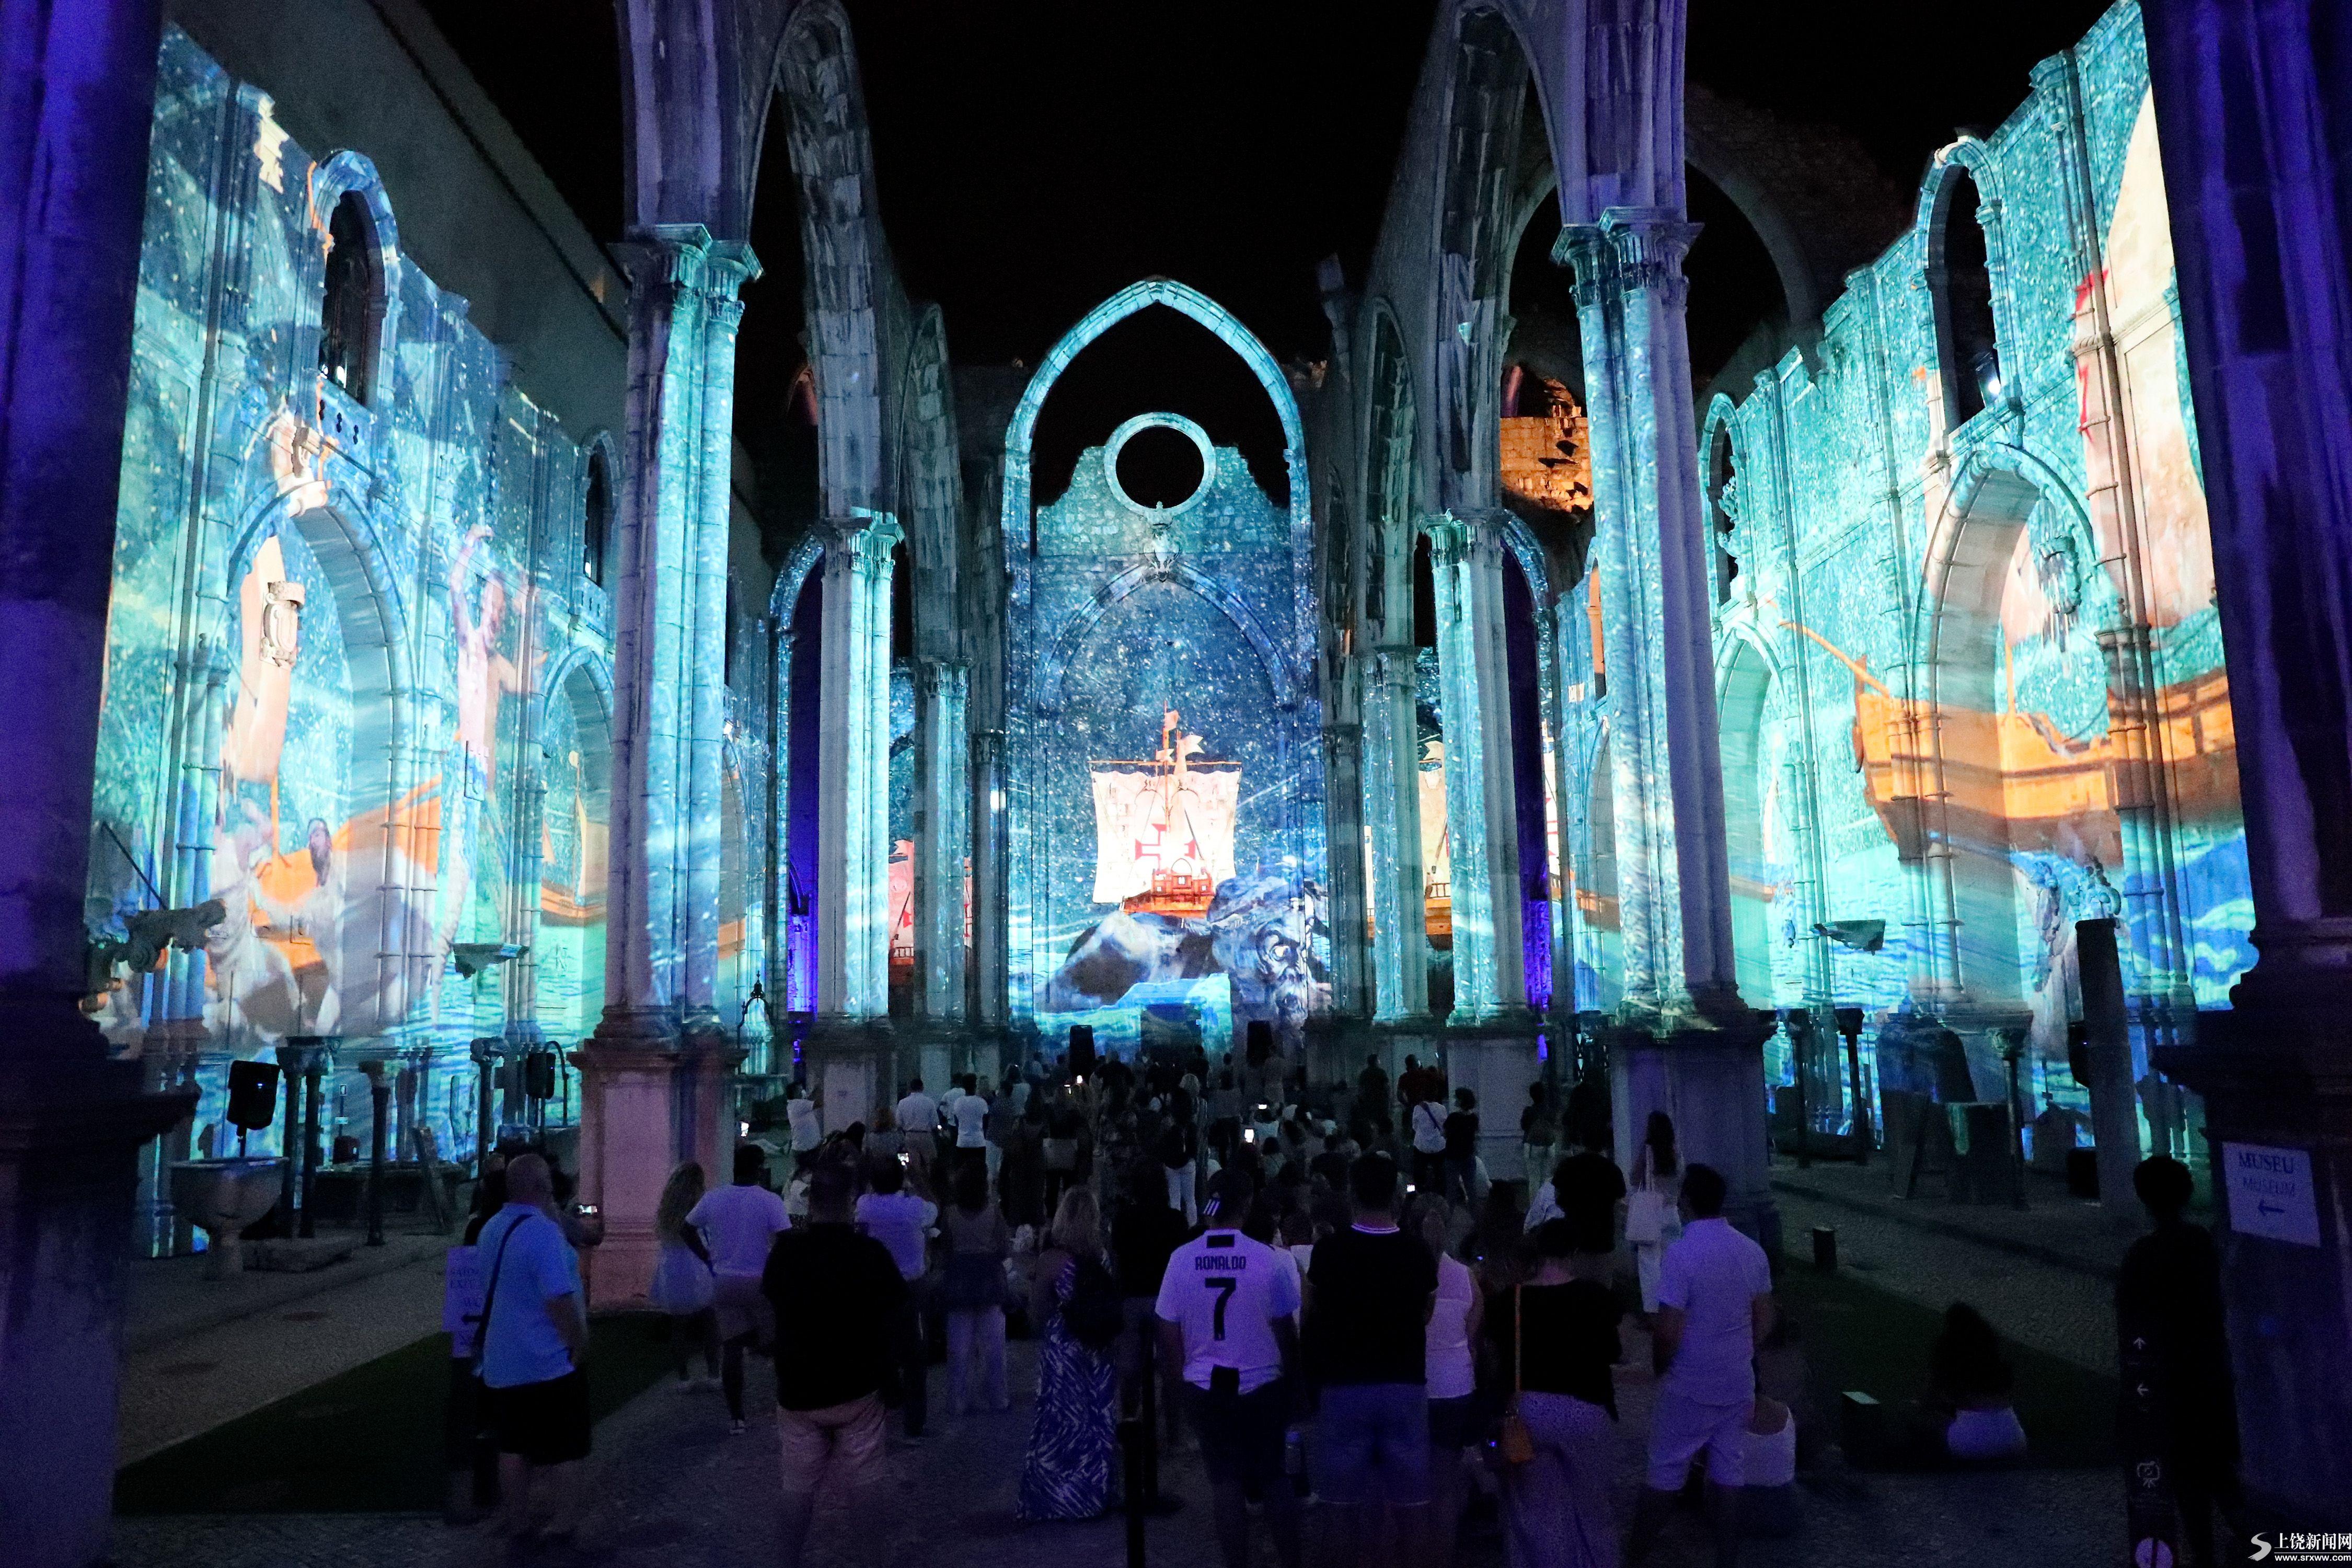 《星空下的里斯本》展示葡萄牙丰富的历史文化